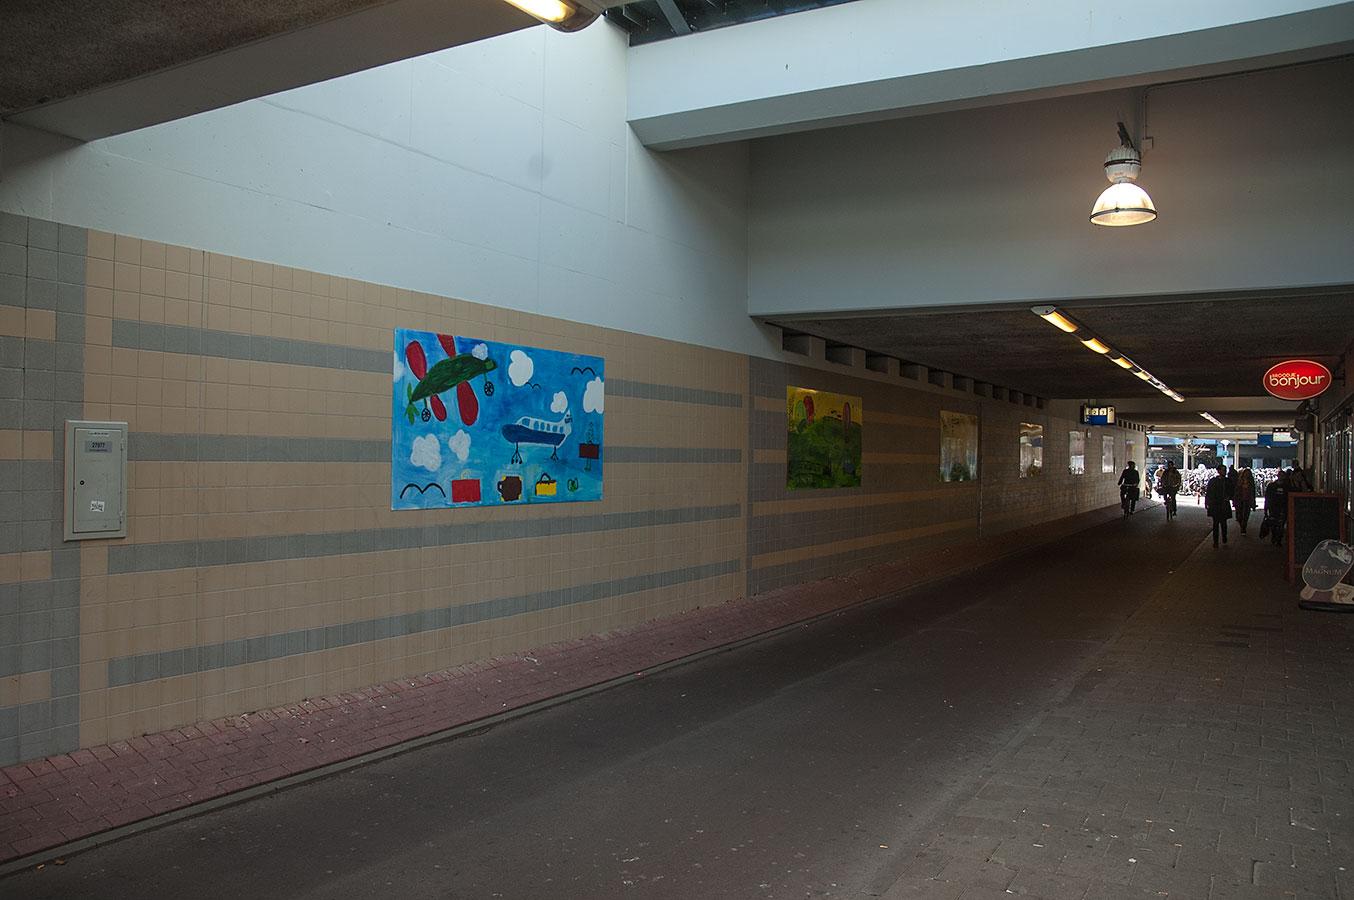 Tunnetlje tussen Pontanusstraat en Celebstraat met schilderijen gemaakt door kinderen aan muur